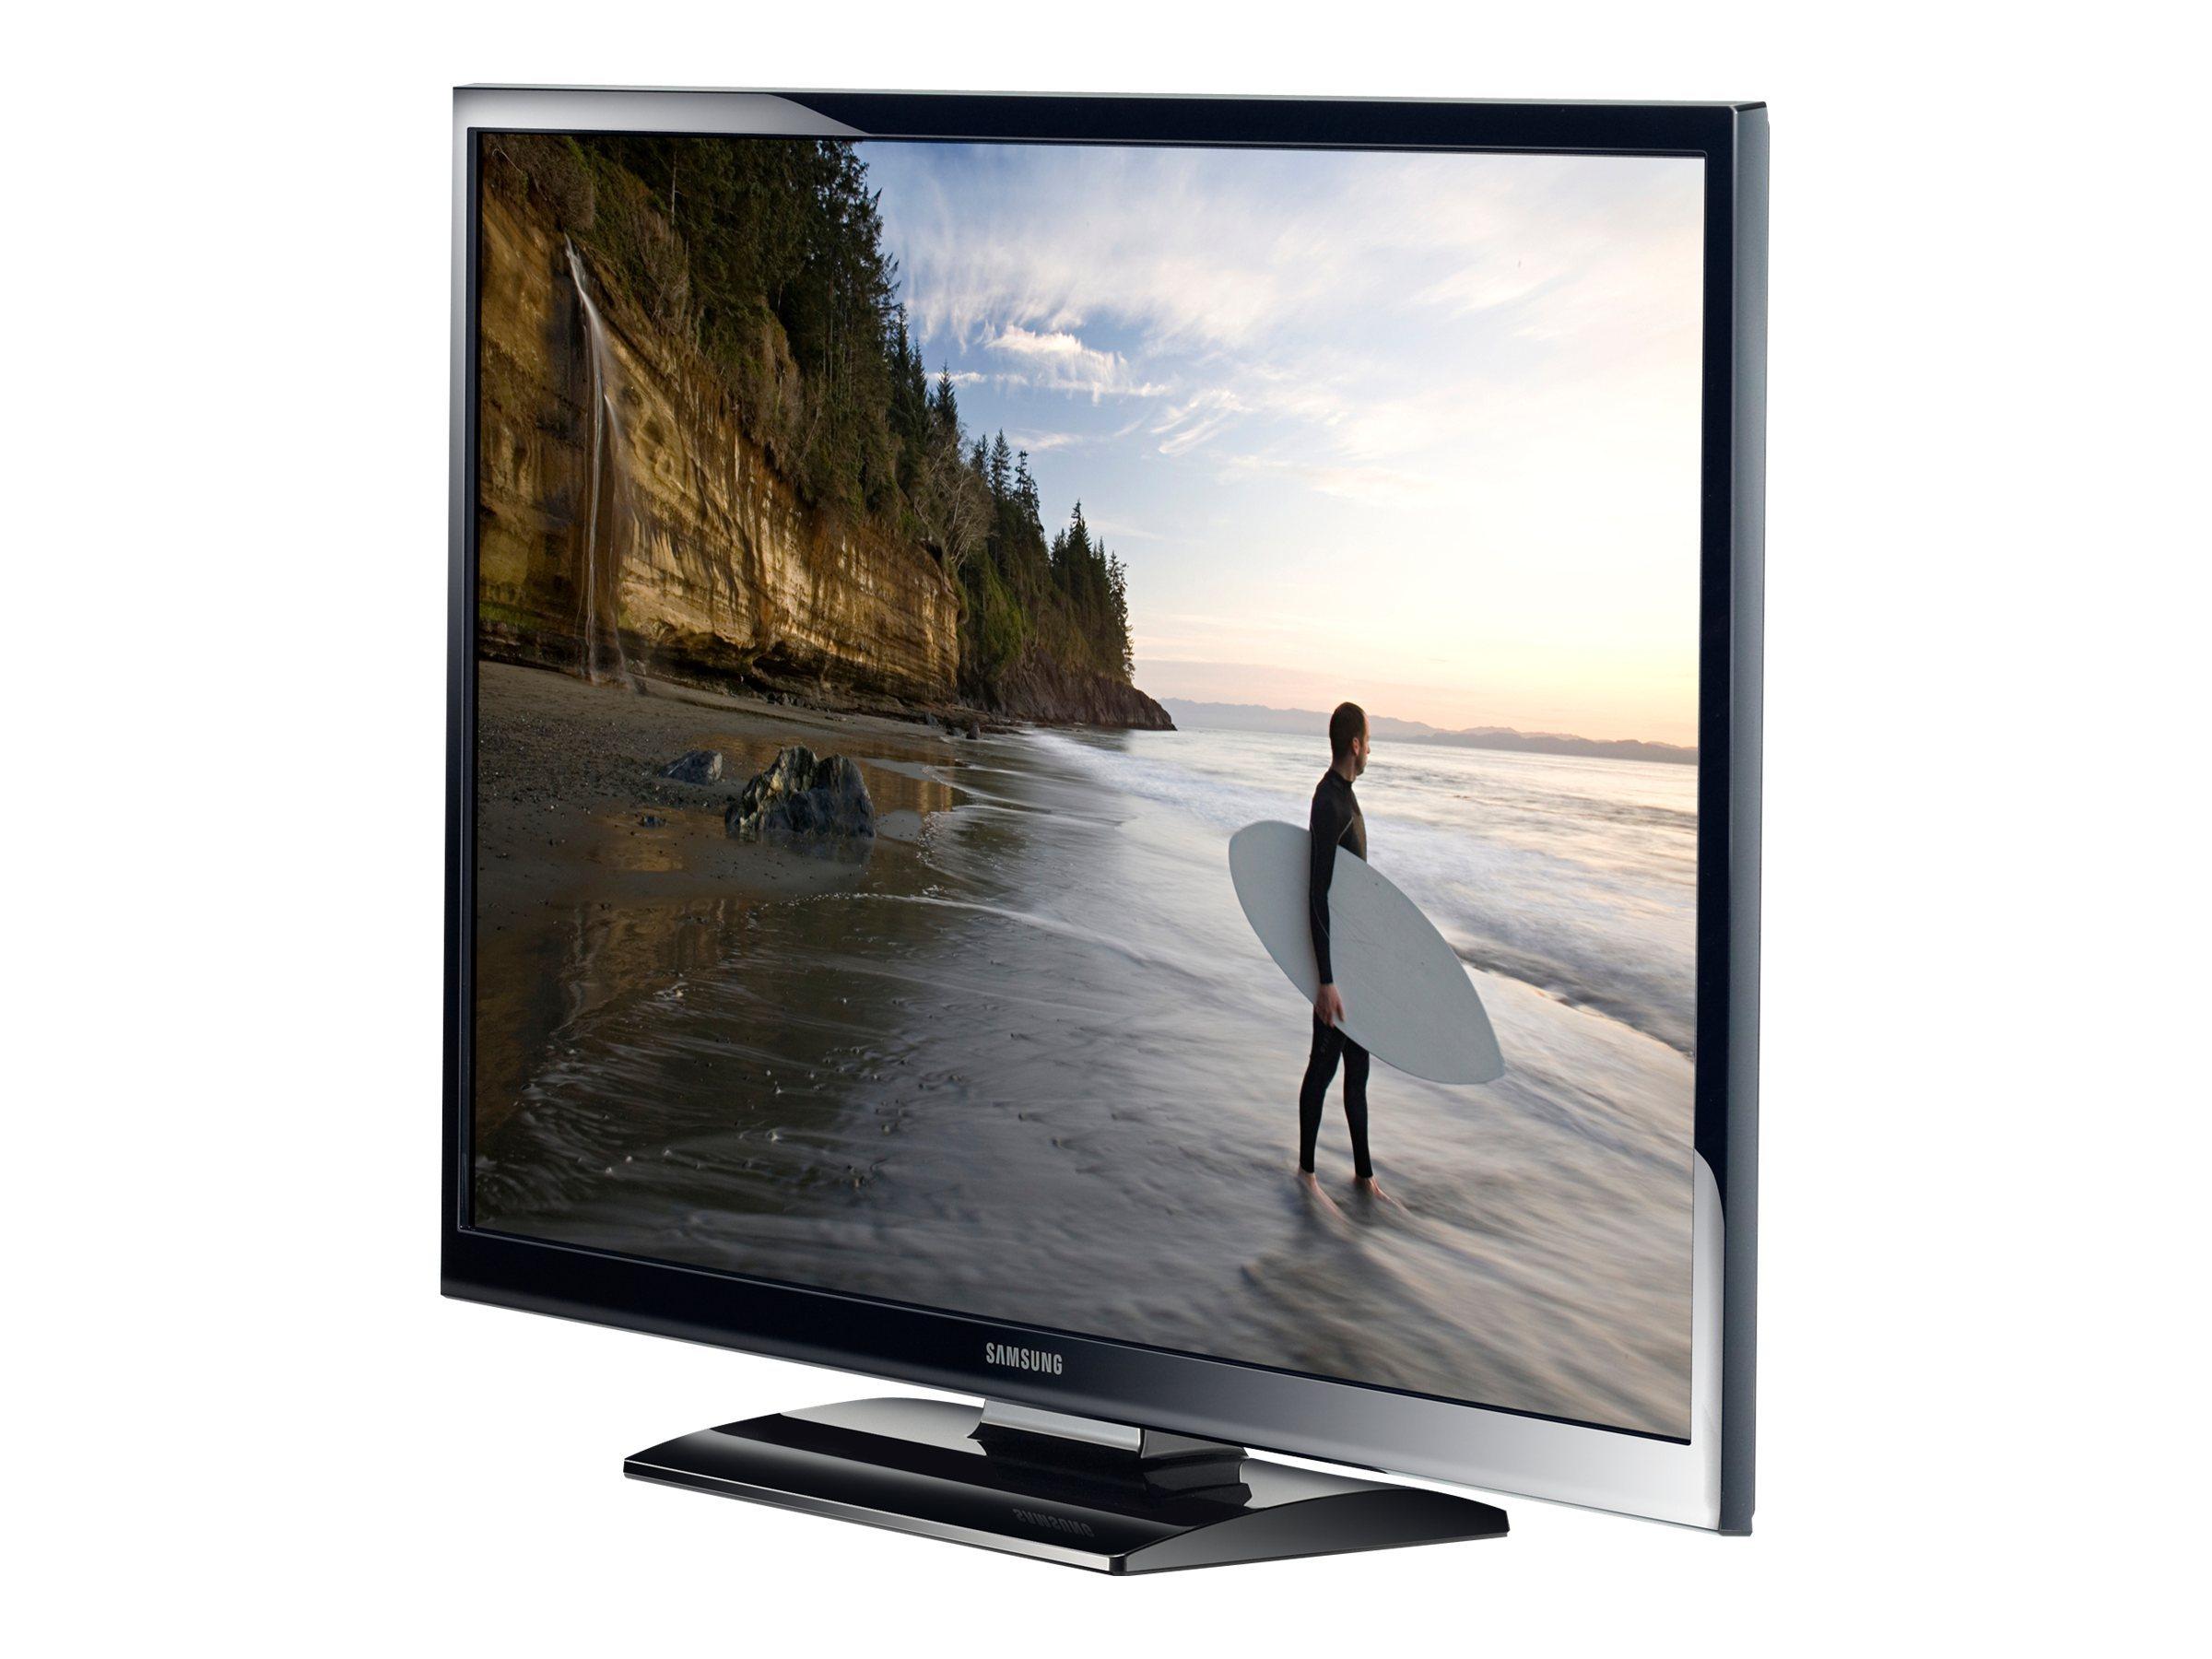 """Samsung 51"""" Class 720p 600Hz Plasma HDTV - PN51E450"""